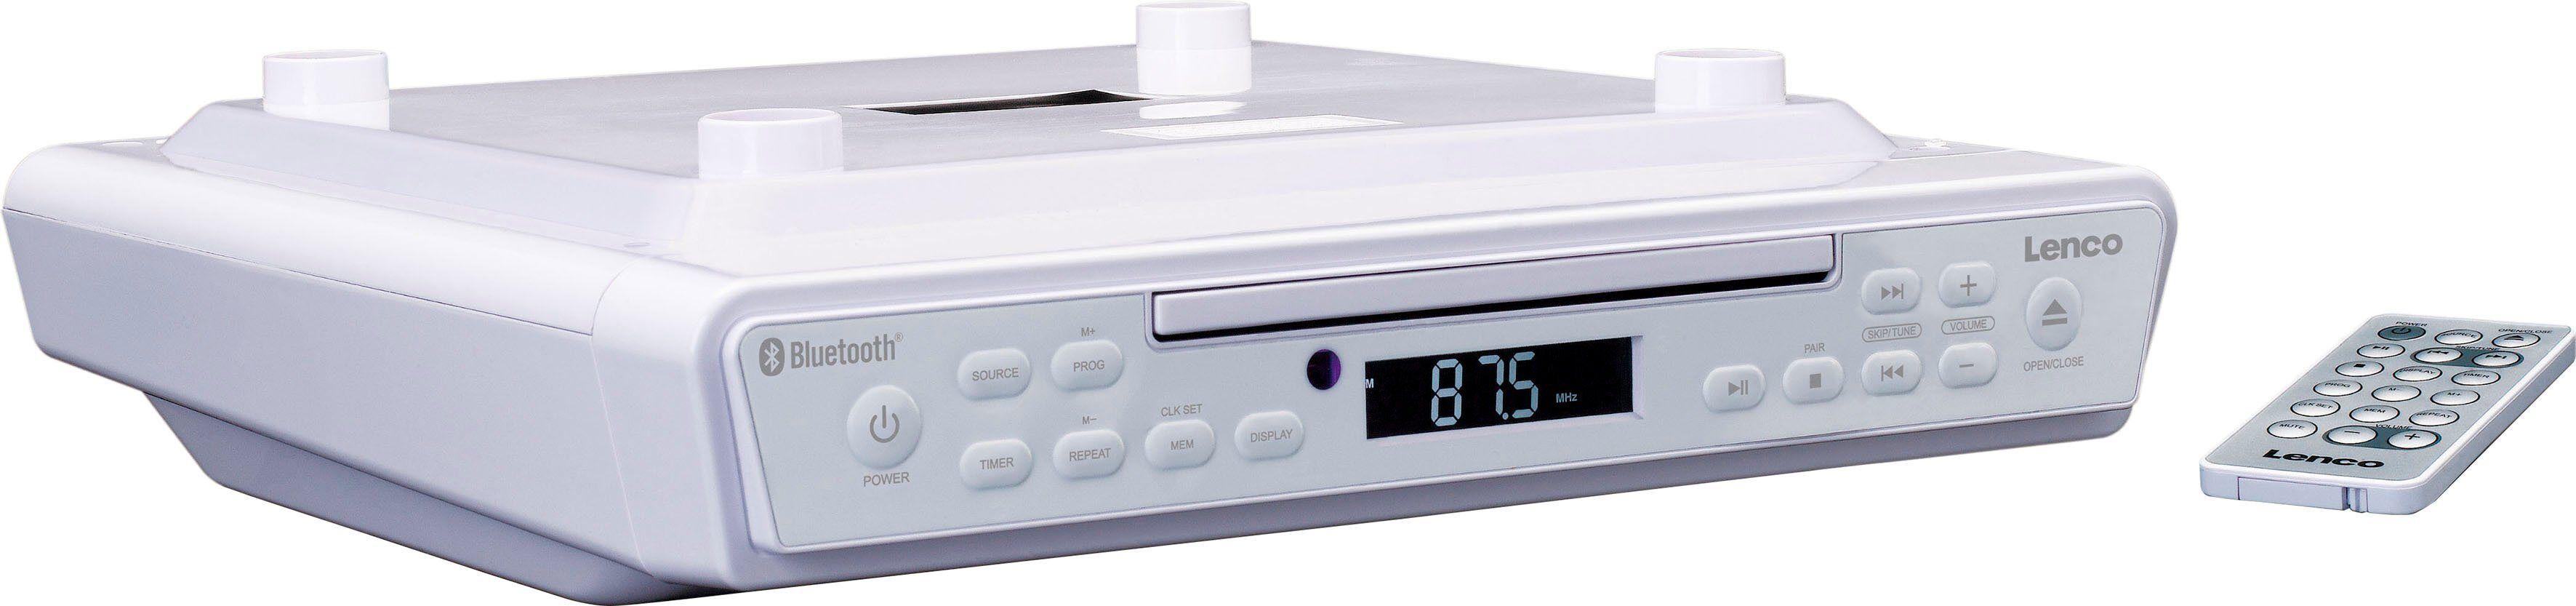 Lenco »KCR-150« Küchen-Radio (FM-Tuner, 6 W), weiß